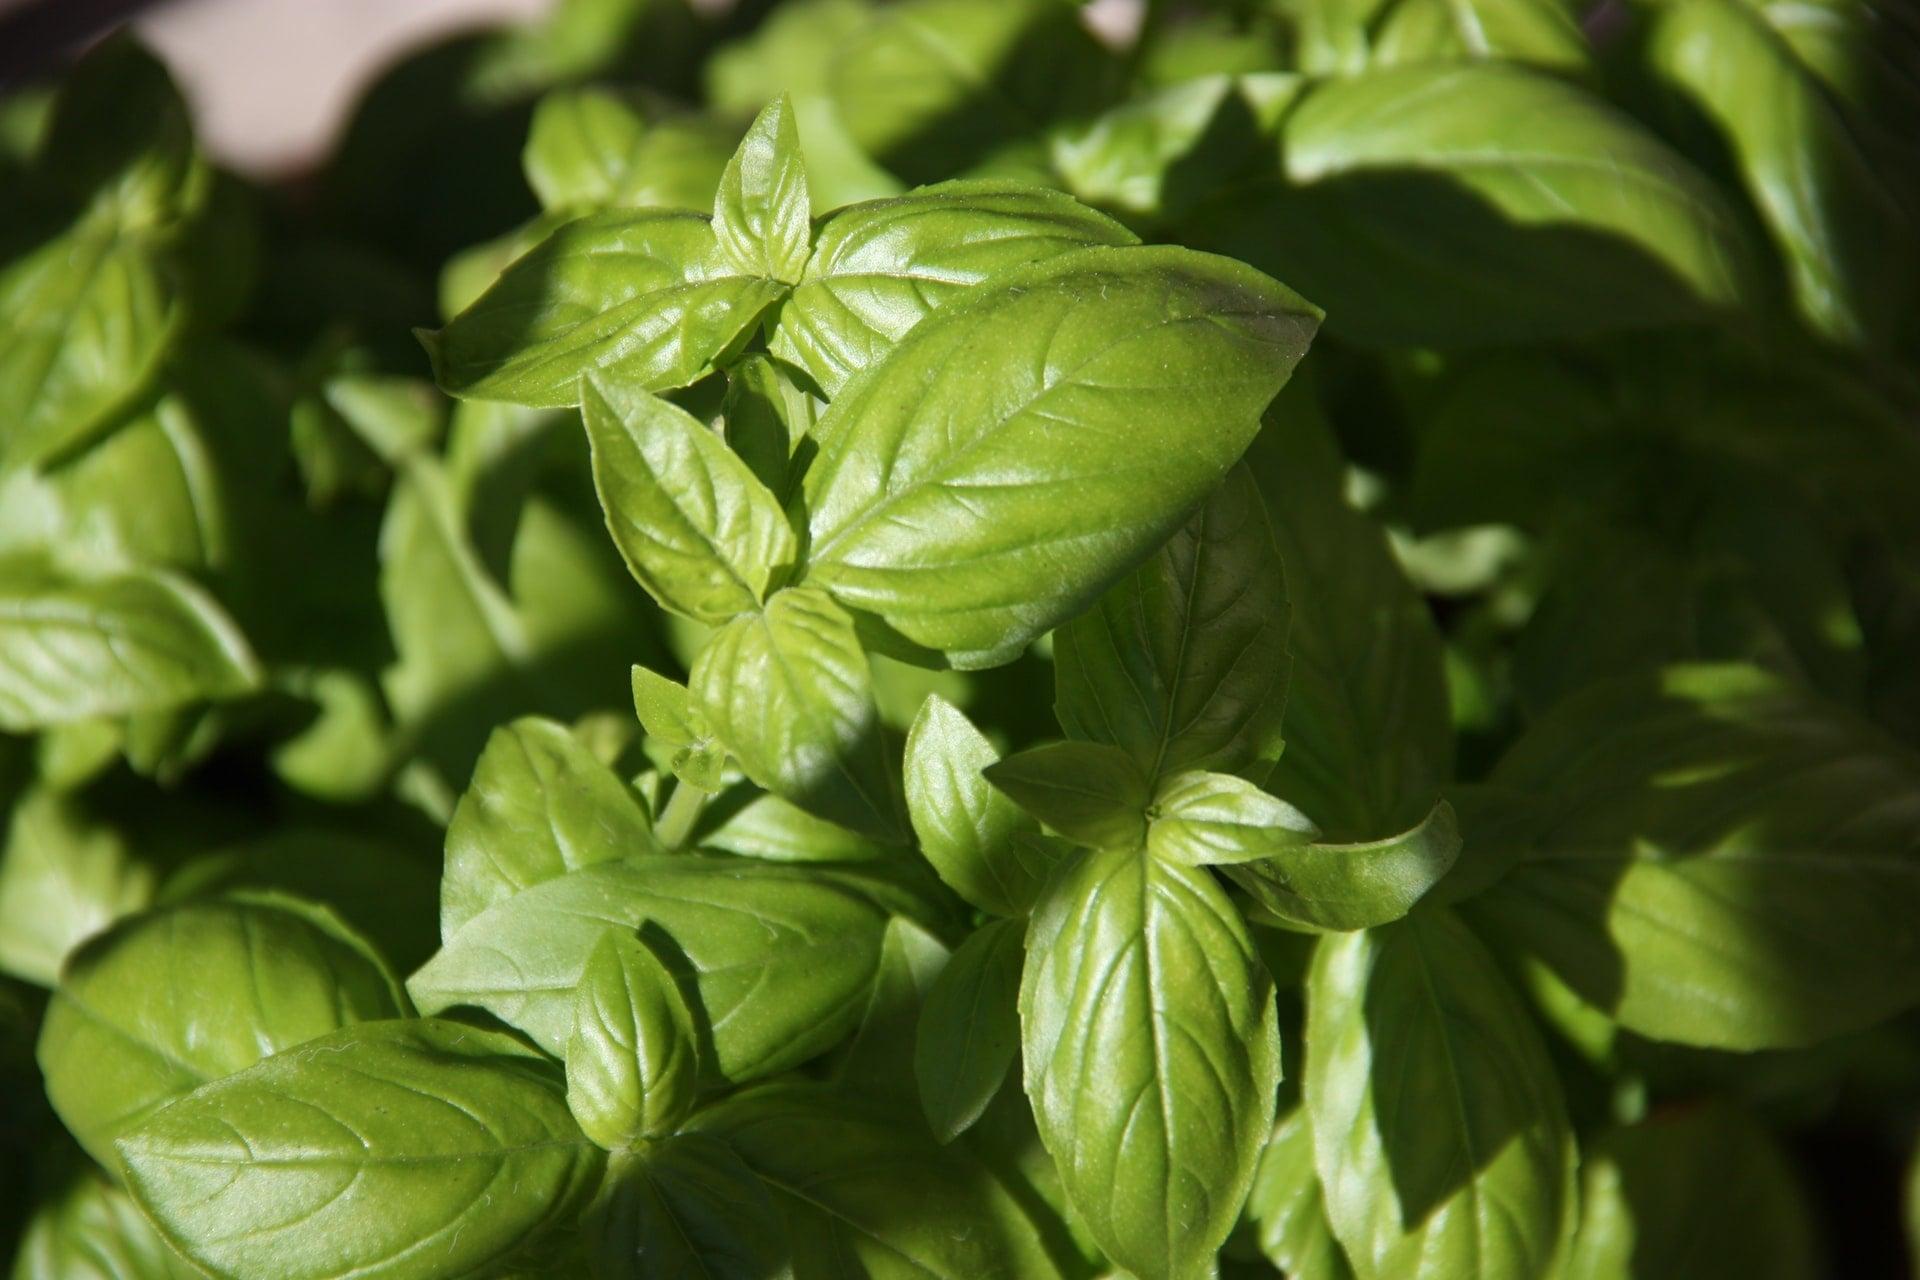 Basil - edible plants to grow